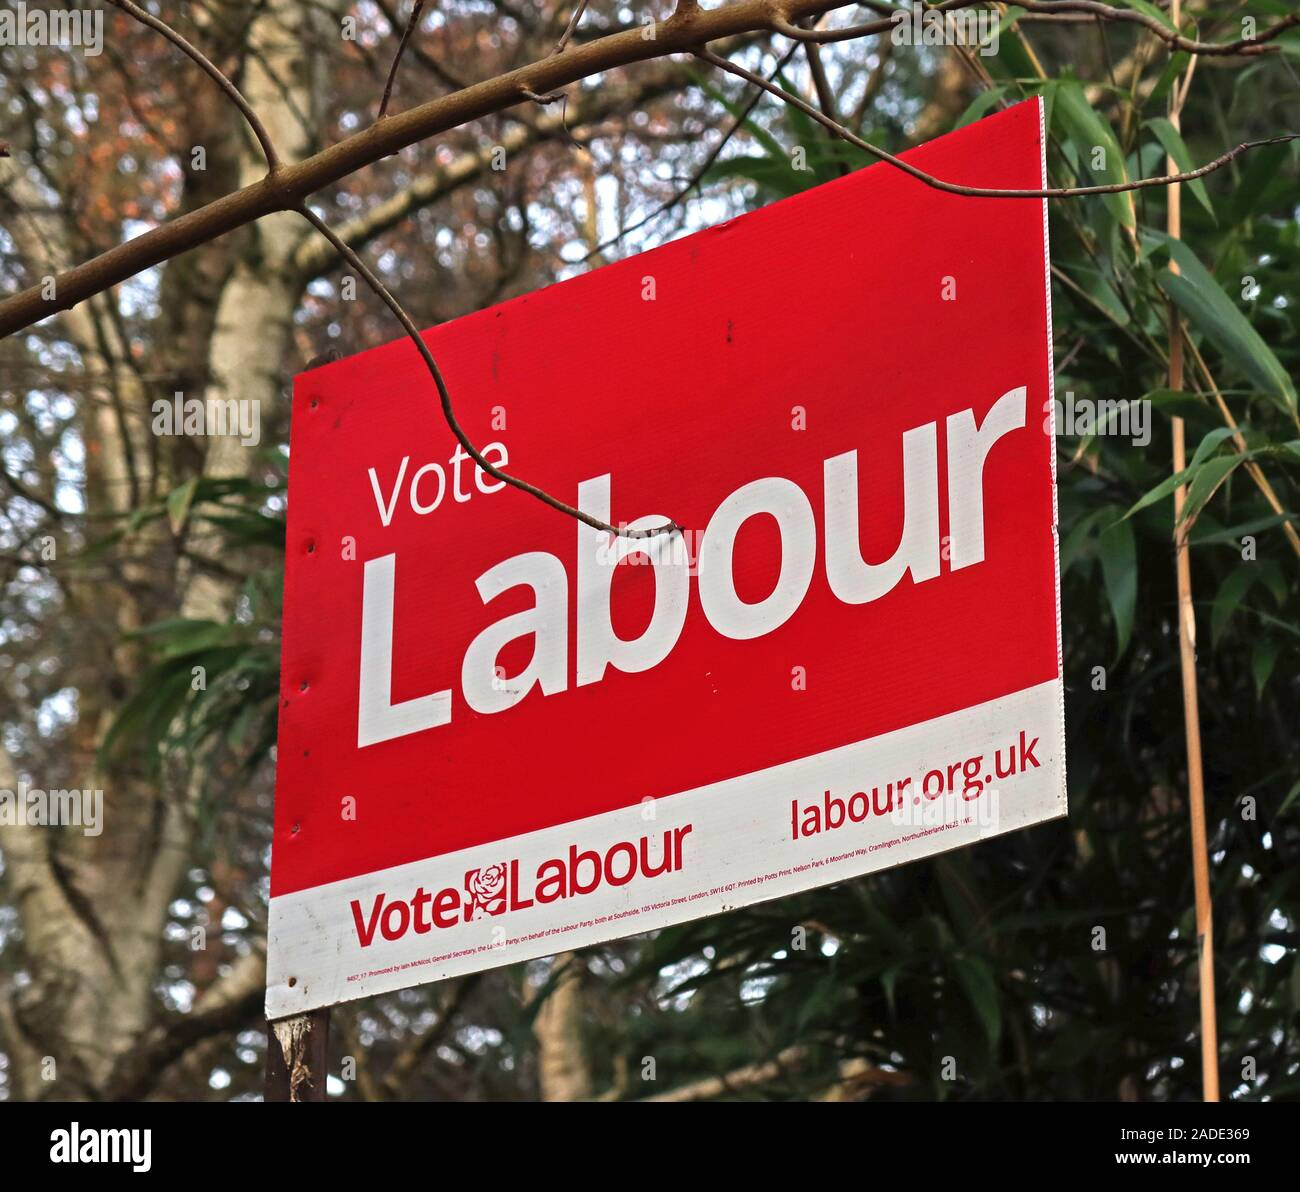 Dieses Stockfoto: Allgemeine Wahl Partei politische Zeichen, Abstimmung der Arbeit, Lymm Dorf, Warrington, Cheshire, North West England, Cheshire, WA4 - 2ADE36